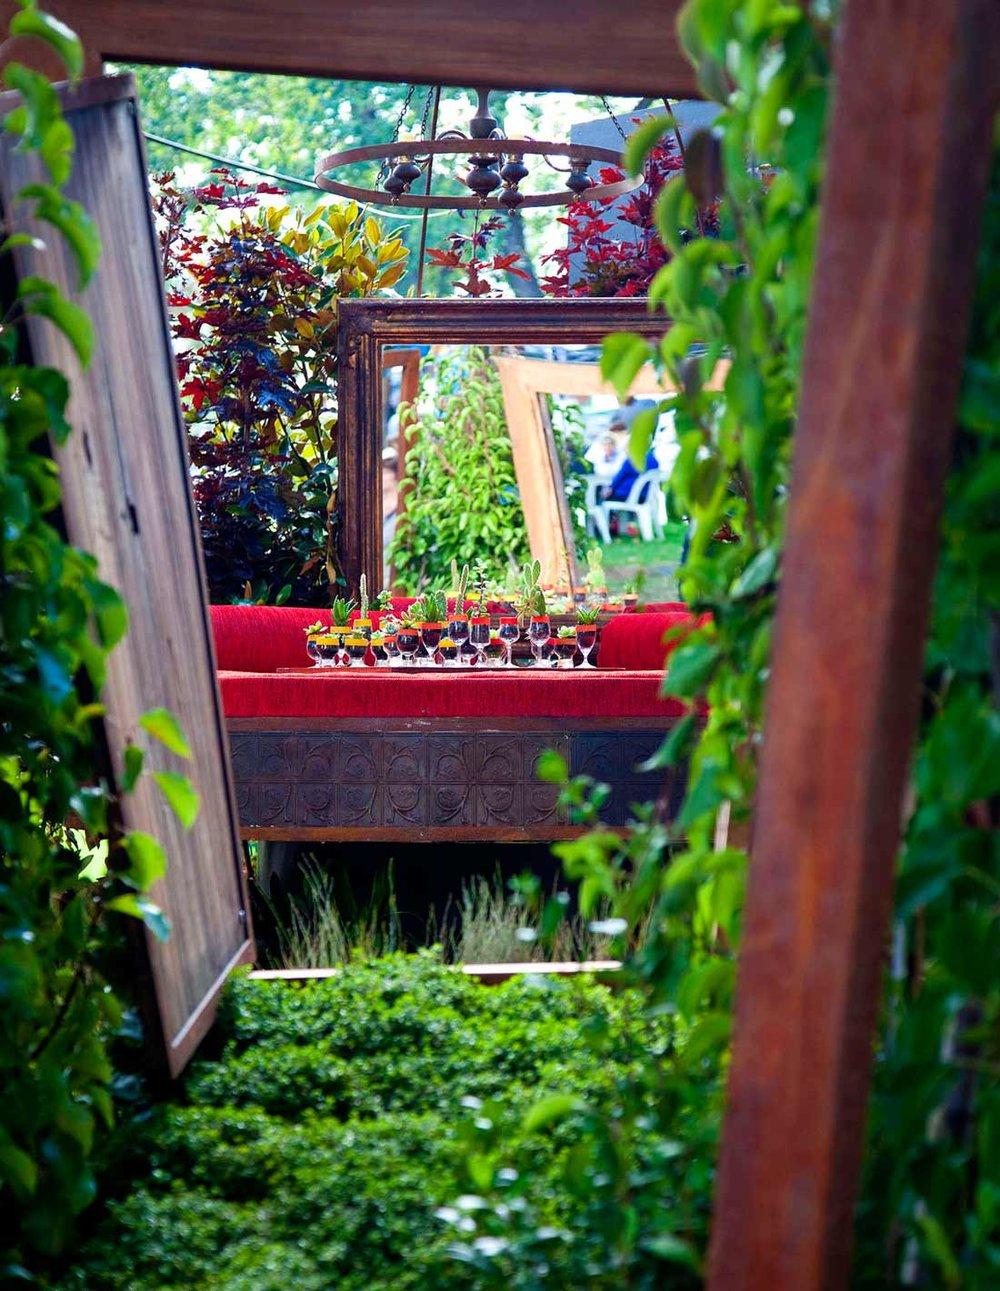 day-bed-garden-show - Copy - Copy - Copy.jpg